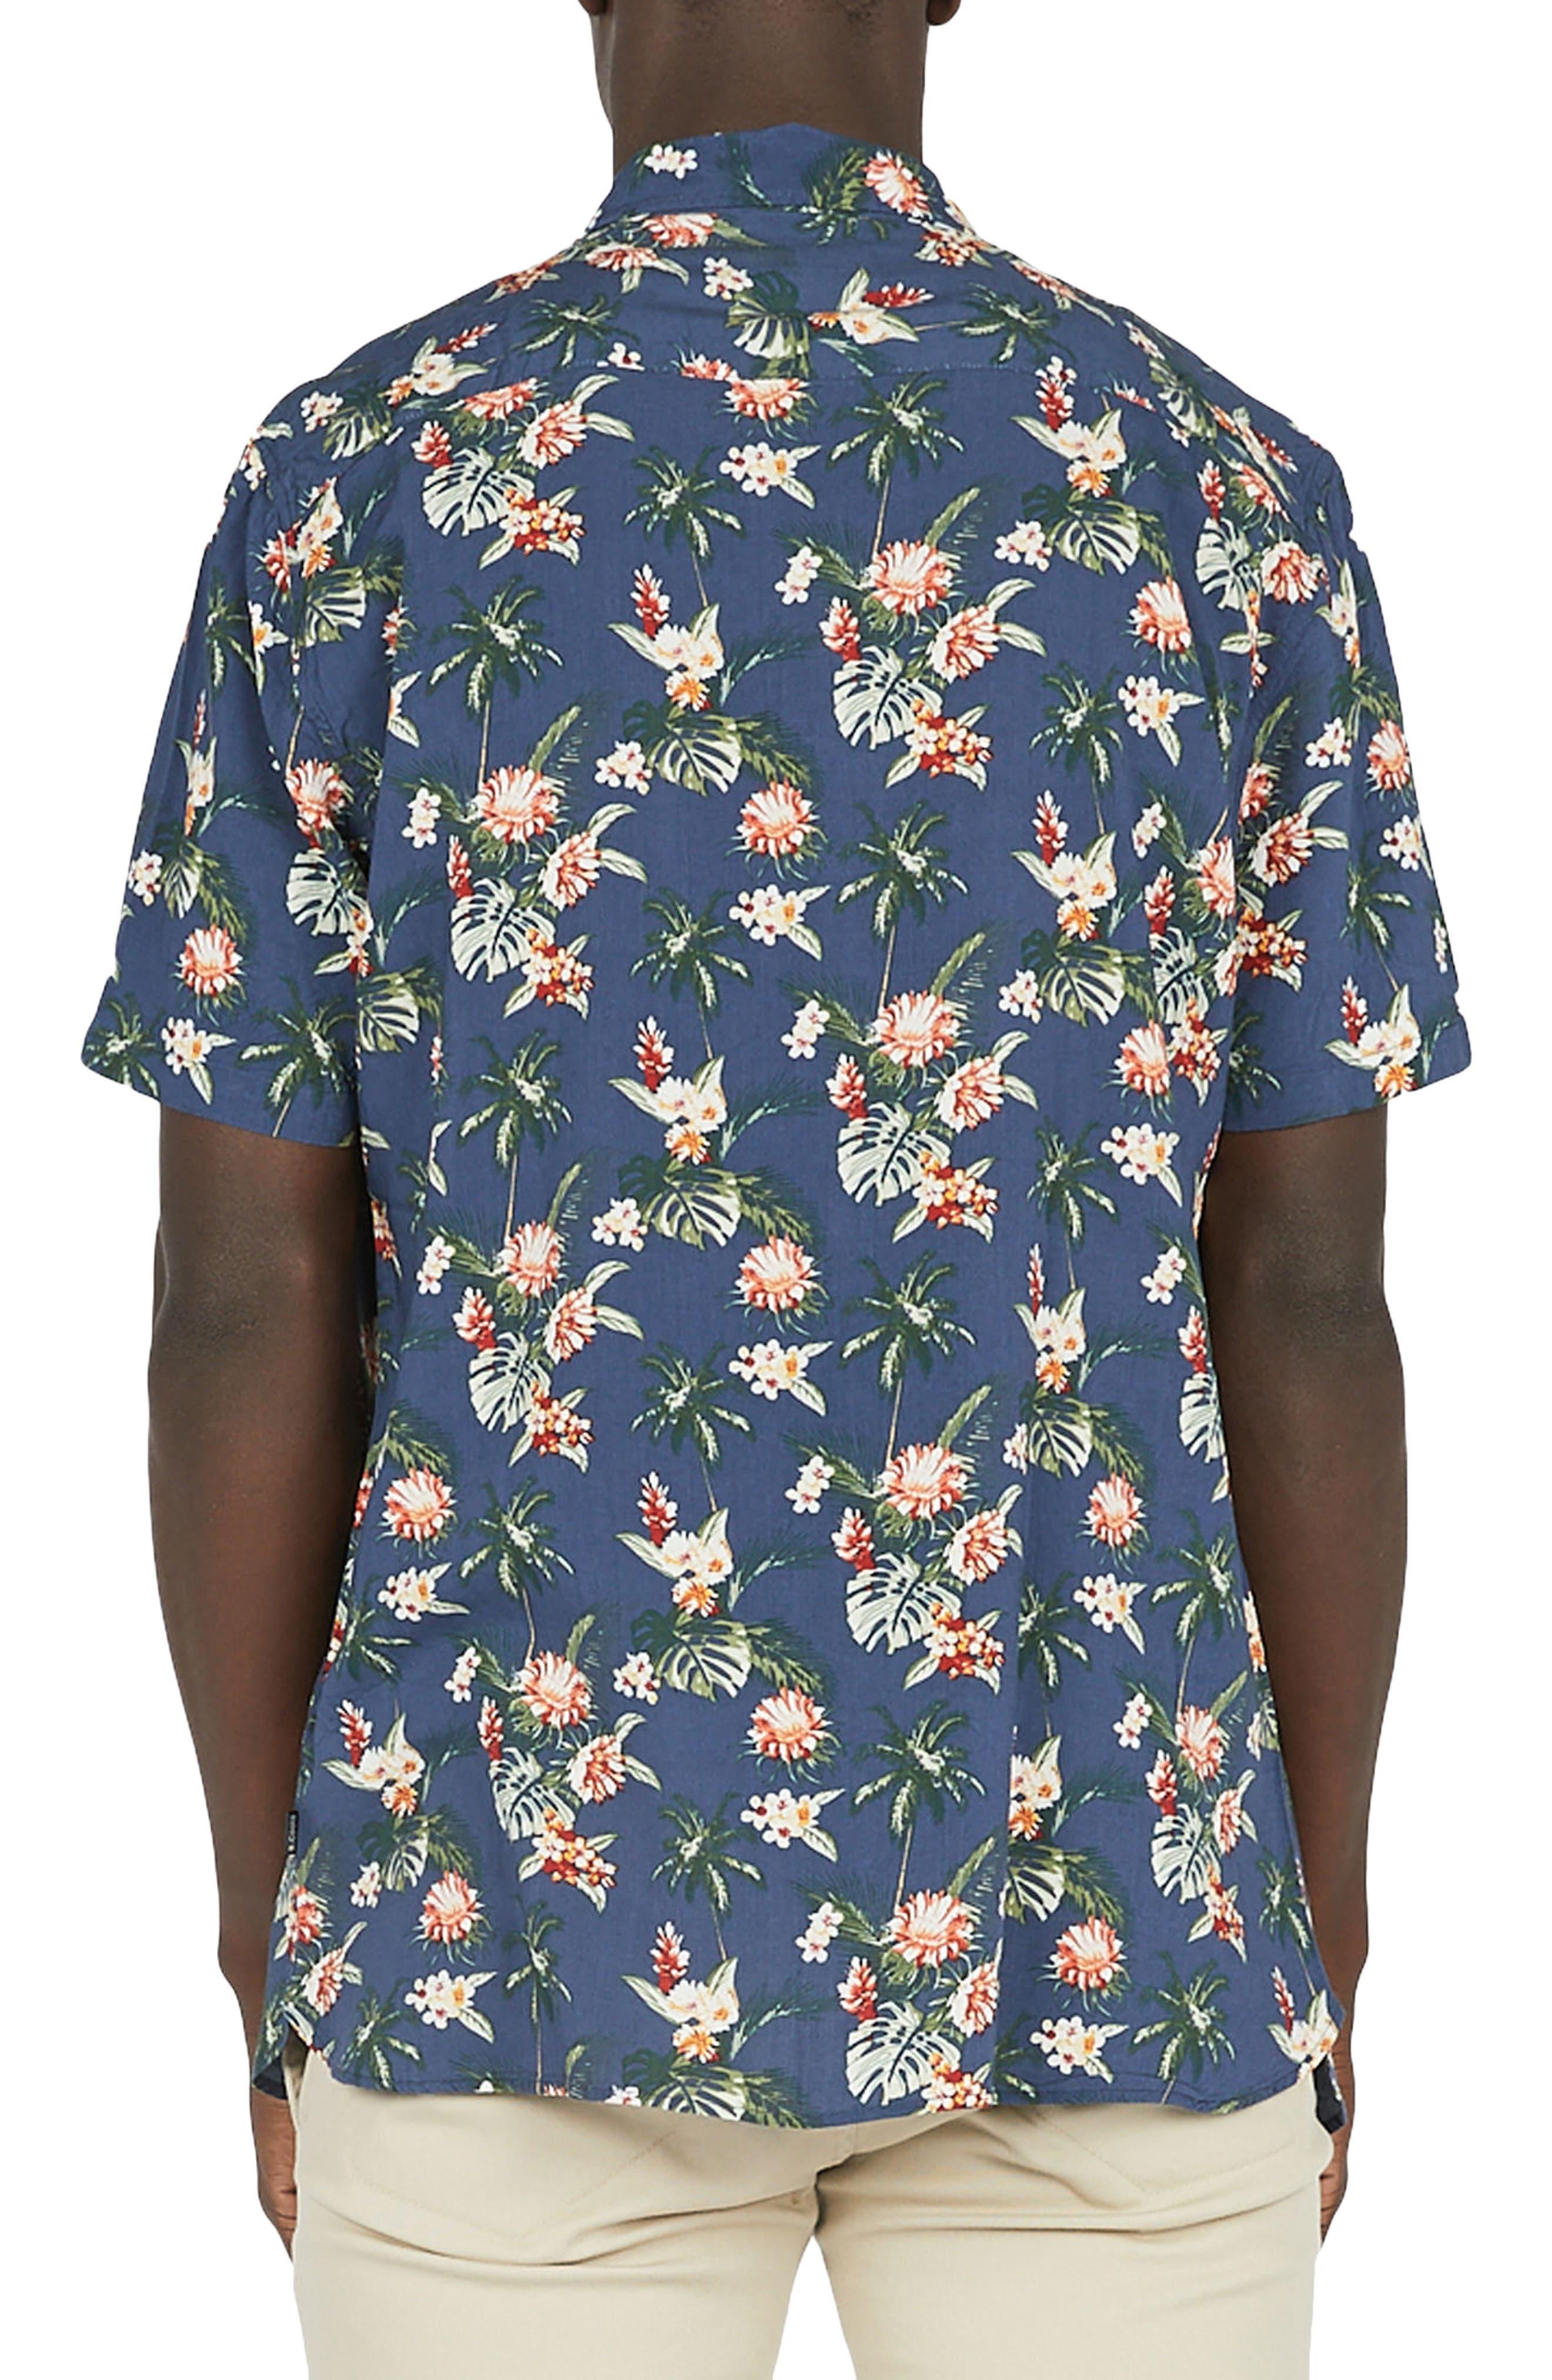 Holiday Woven Shirt,                             Alternate thumbnail 2, color,                             Navy Hawaii